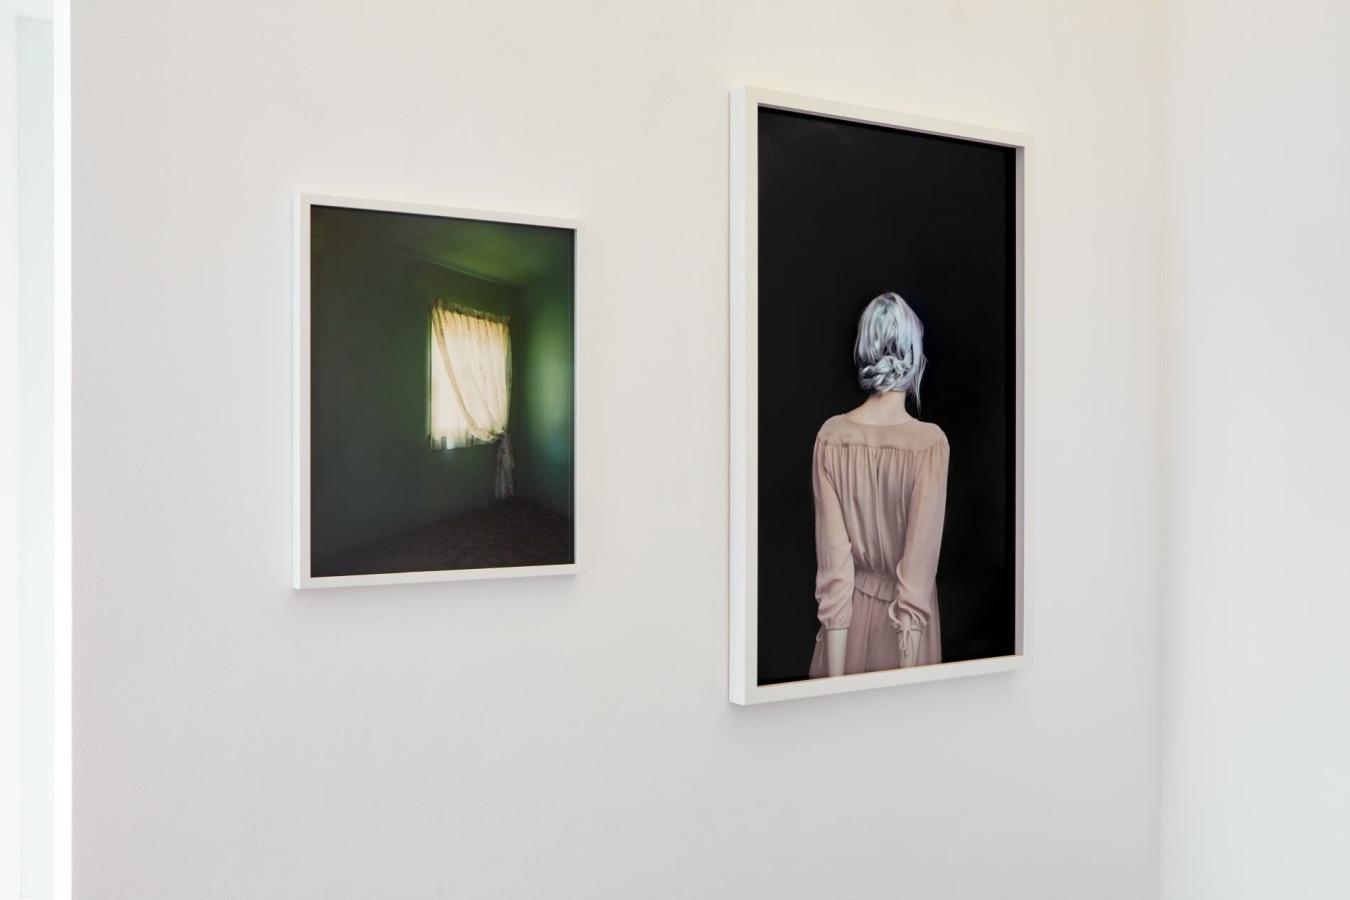 Todd Hido | Bright Black World, Todd Hido,